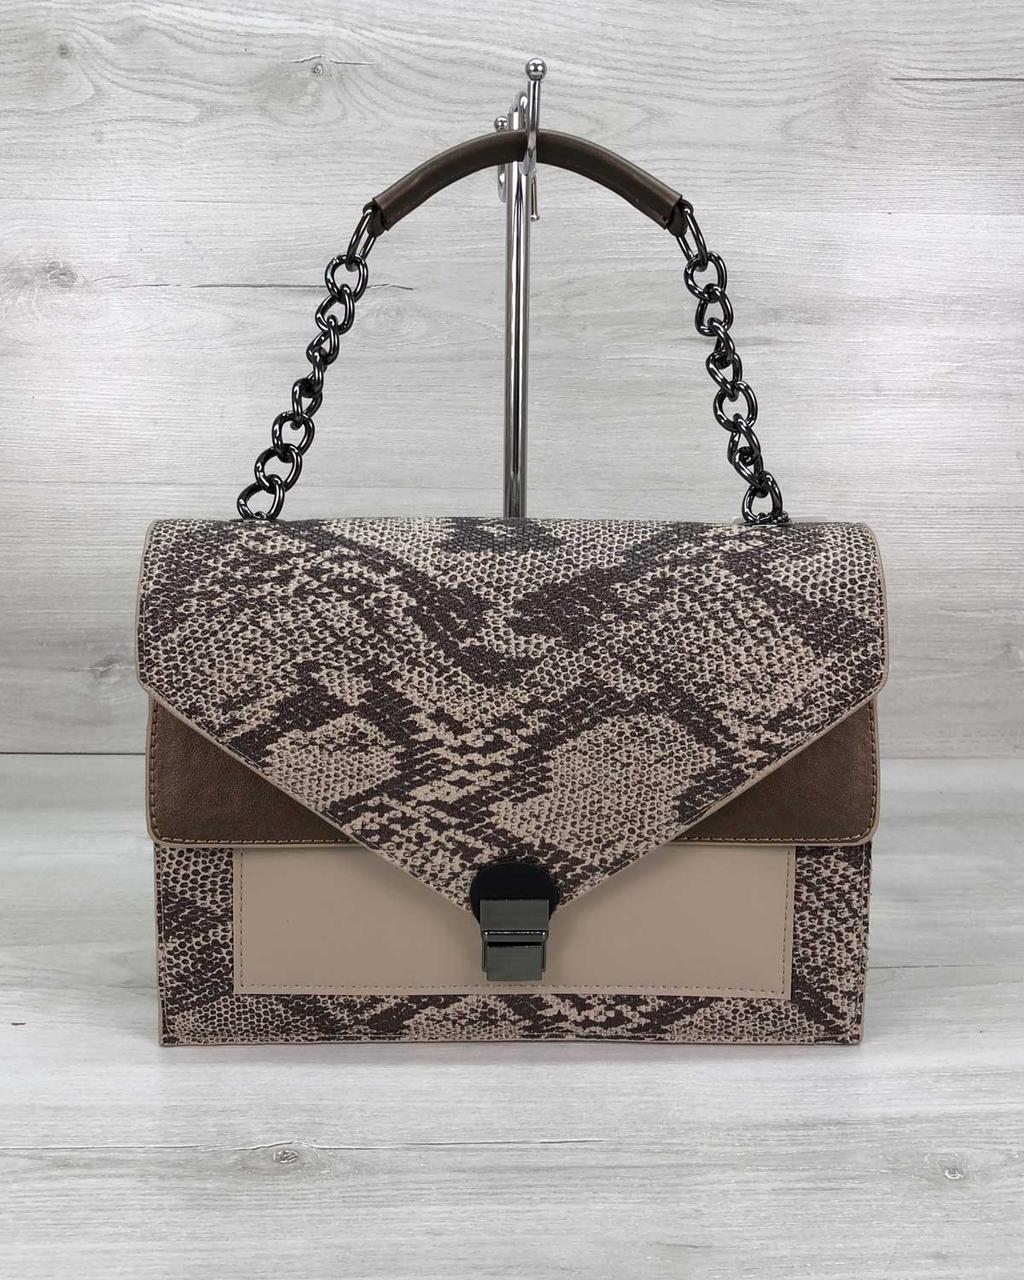 Молодіжна каркасна сумка жіноча під зміїну шкіру